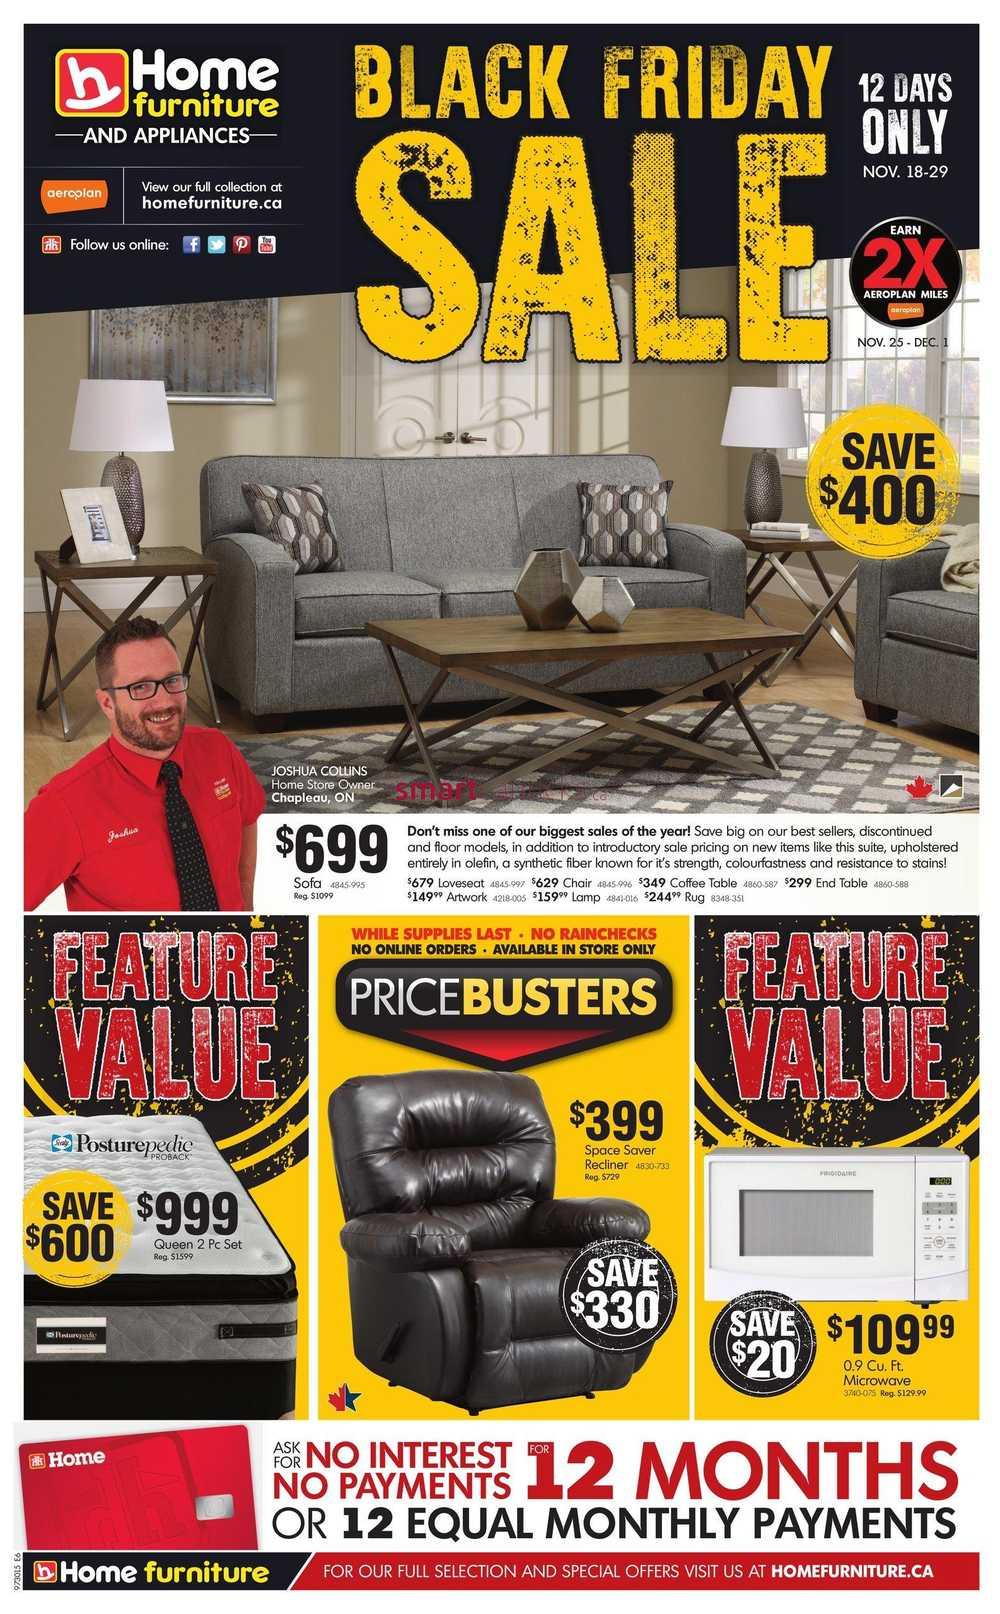 Home Furniture On 2015 Black Friday Sale Flyer